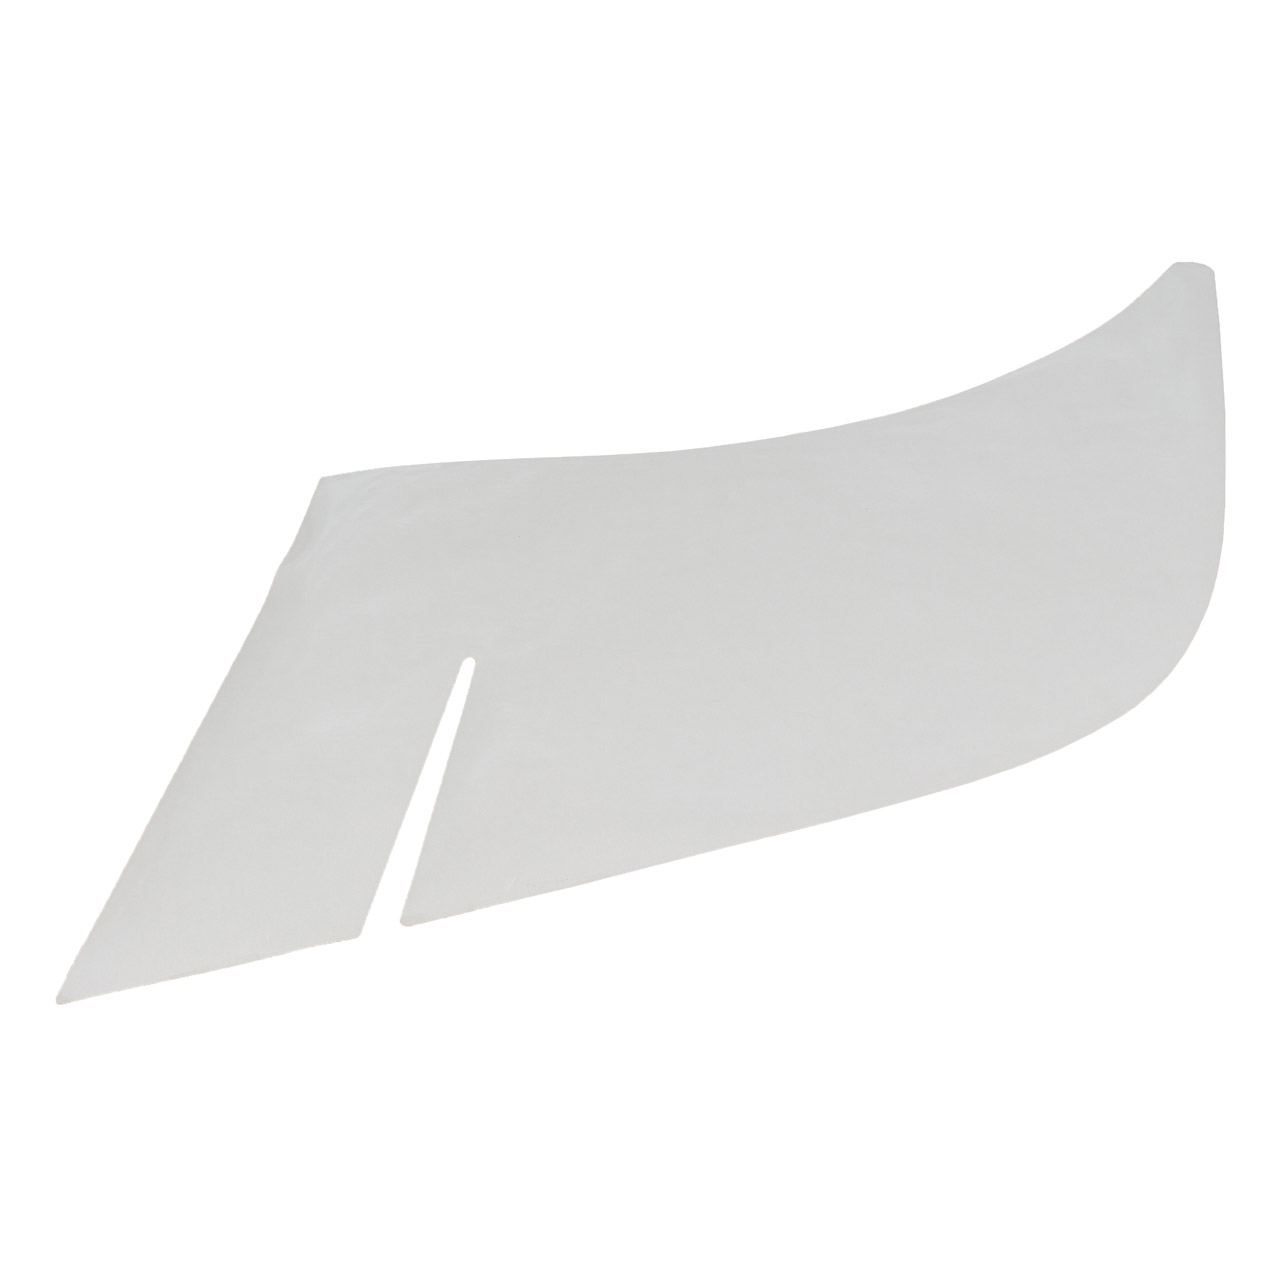 Steinschlagschutzfolie SEITENTEIL PORSCHE 993 TURBO GT2 rechts 993559326063YK